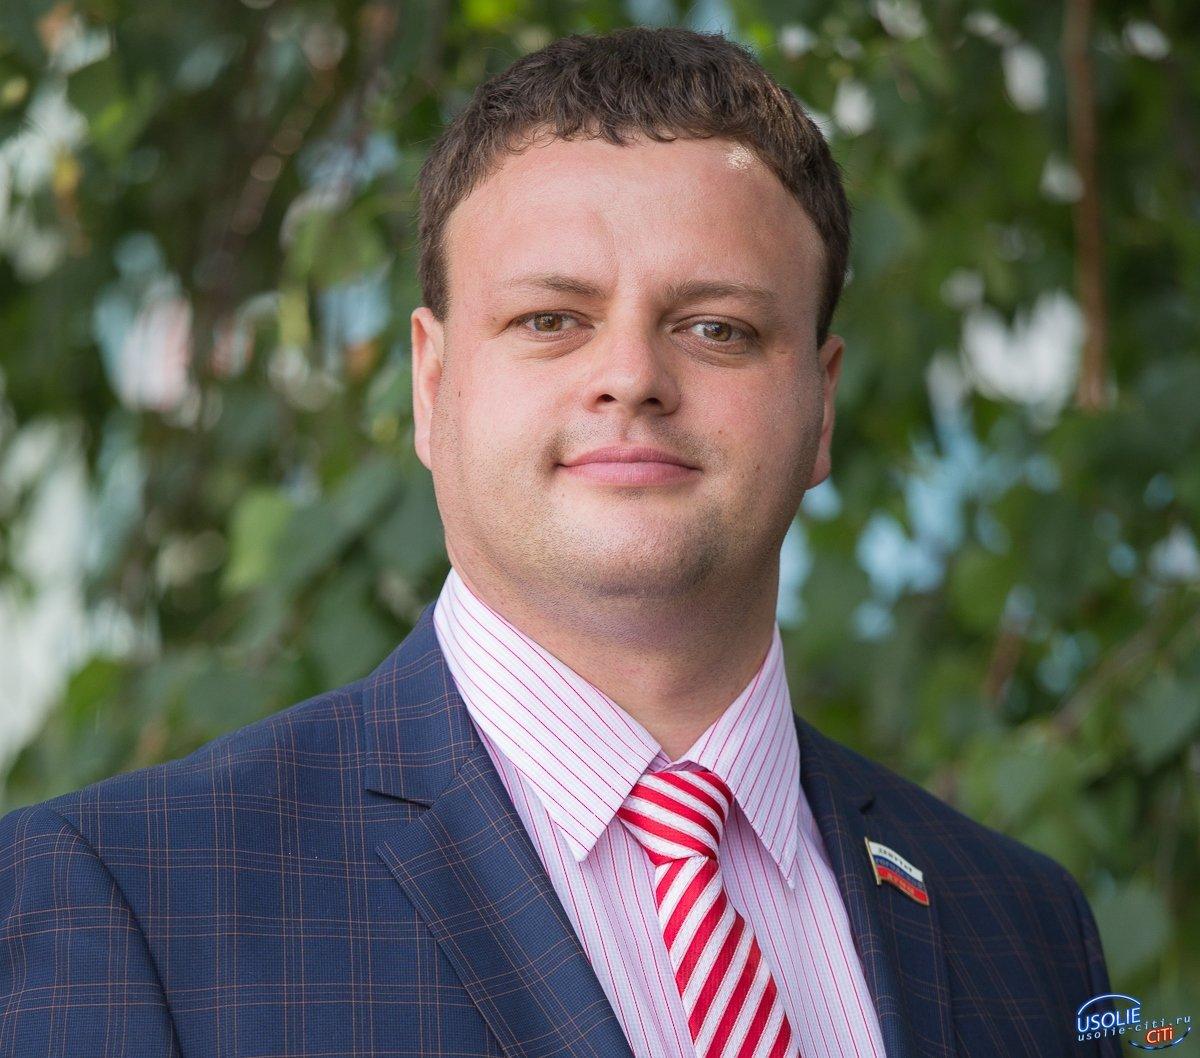 Самый молодой депутат Федор Зеленский поздравляет с Днем молодежи